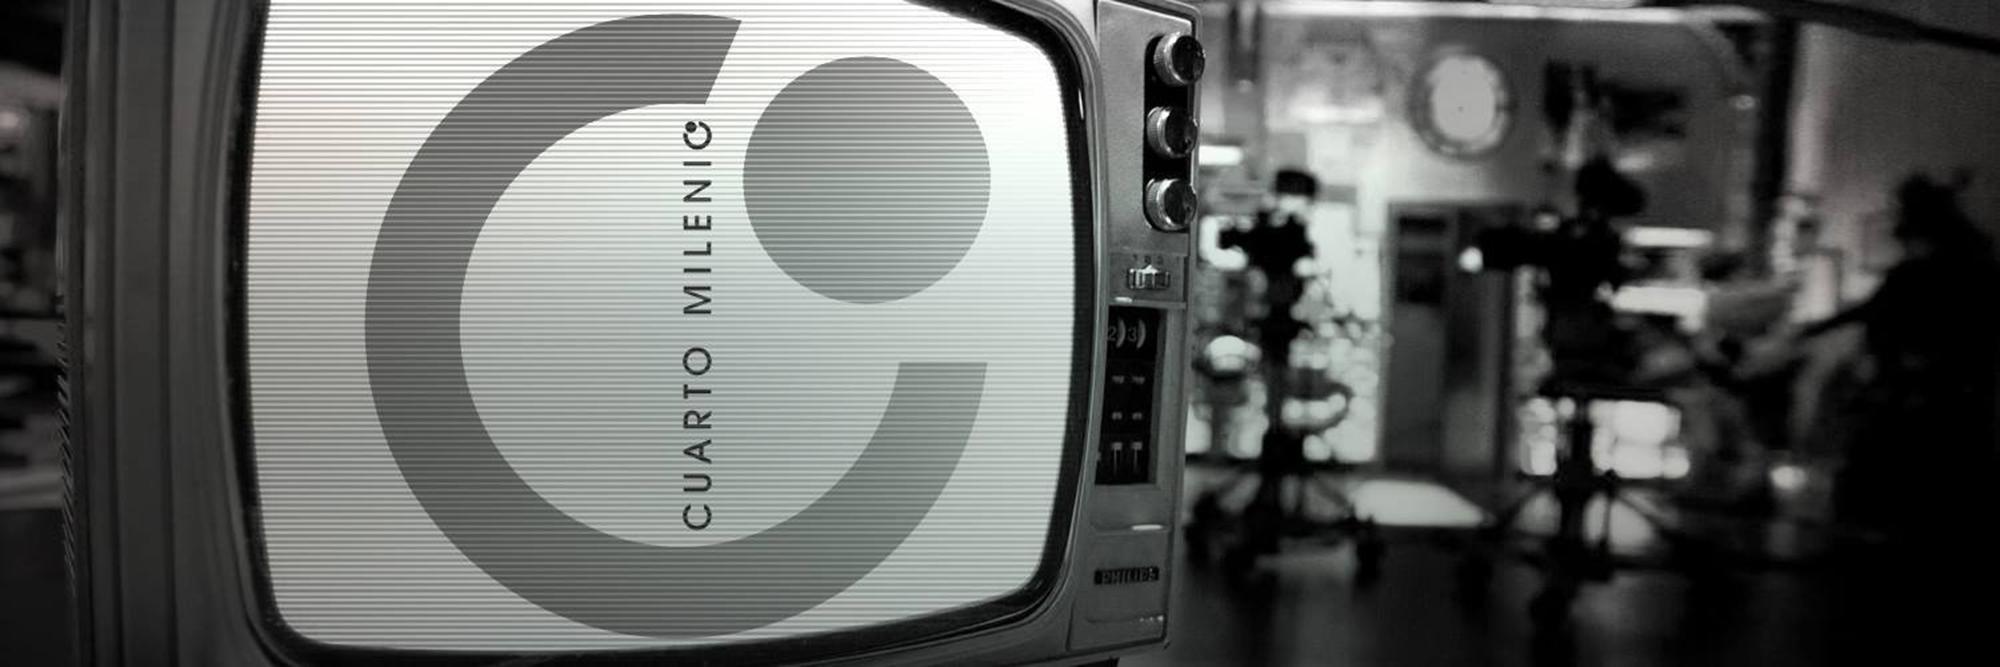 Cuarto milenio la d cima temporada de un programa at pico for Cuarto milenio programas